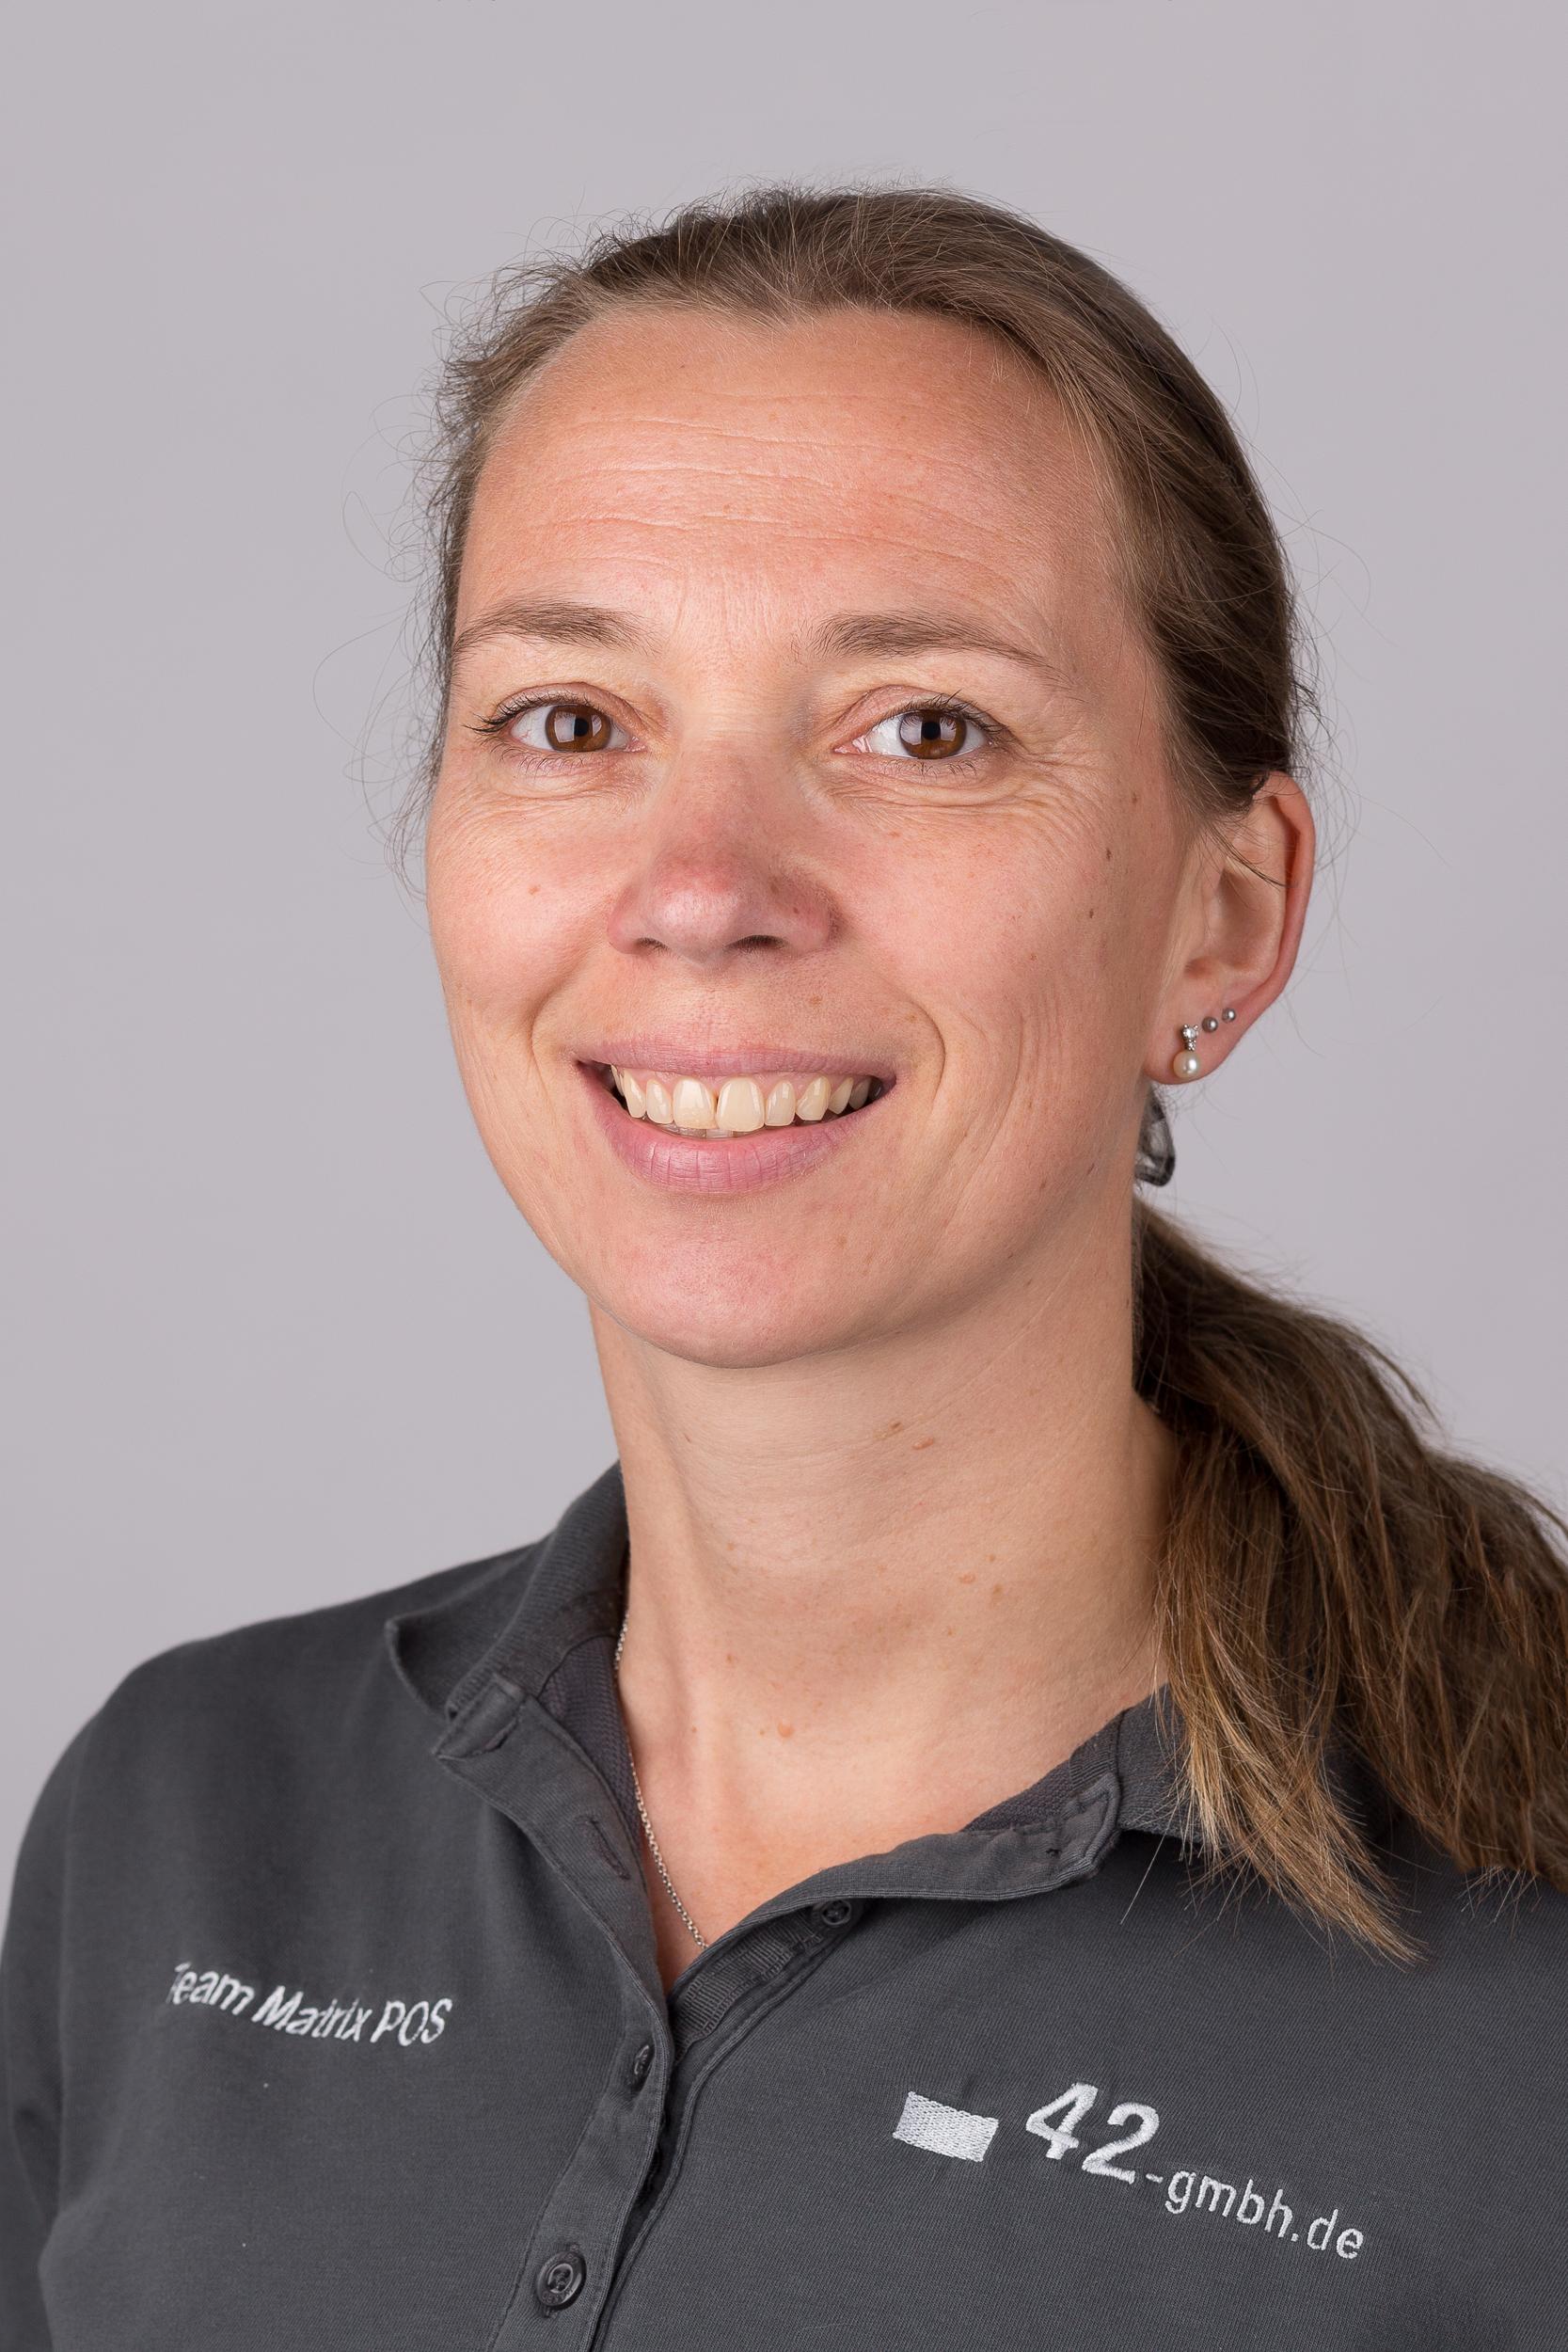 Anke Kraus Teamleiterin Partnersupport 42 GmbH